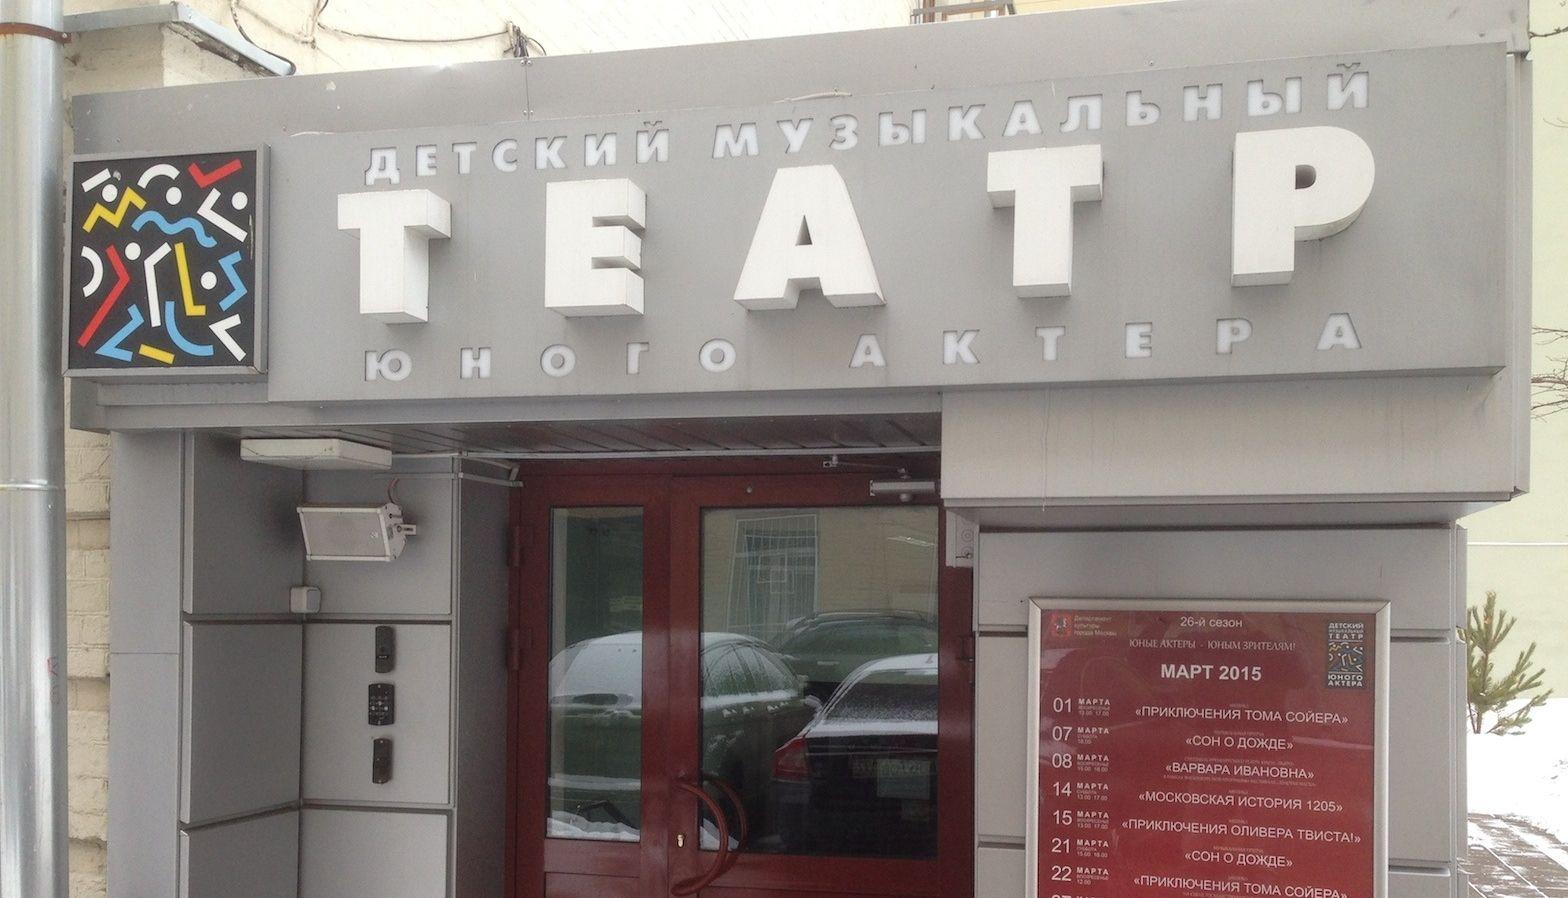 Архсовет Москвы отправил на доработку концепцию здания для детского музыкального театра